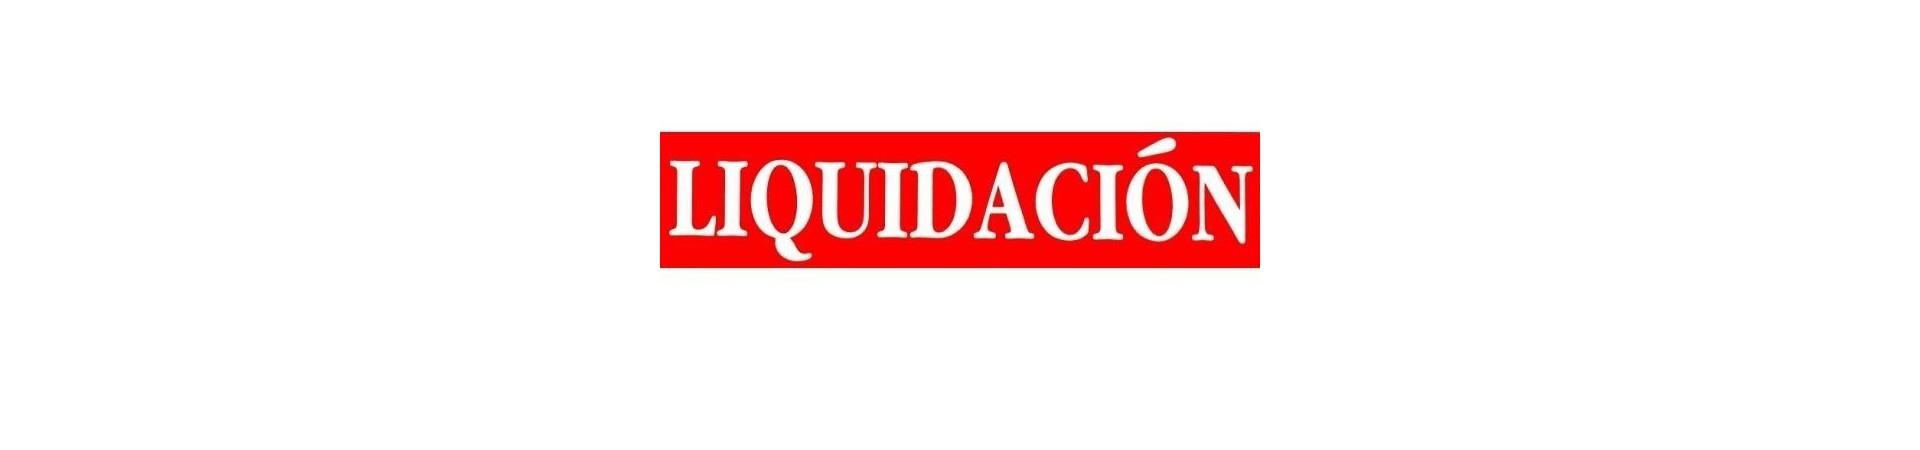 Productos en liquidación, Compra hoy con garantía